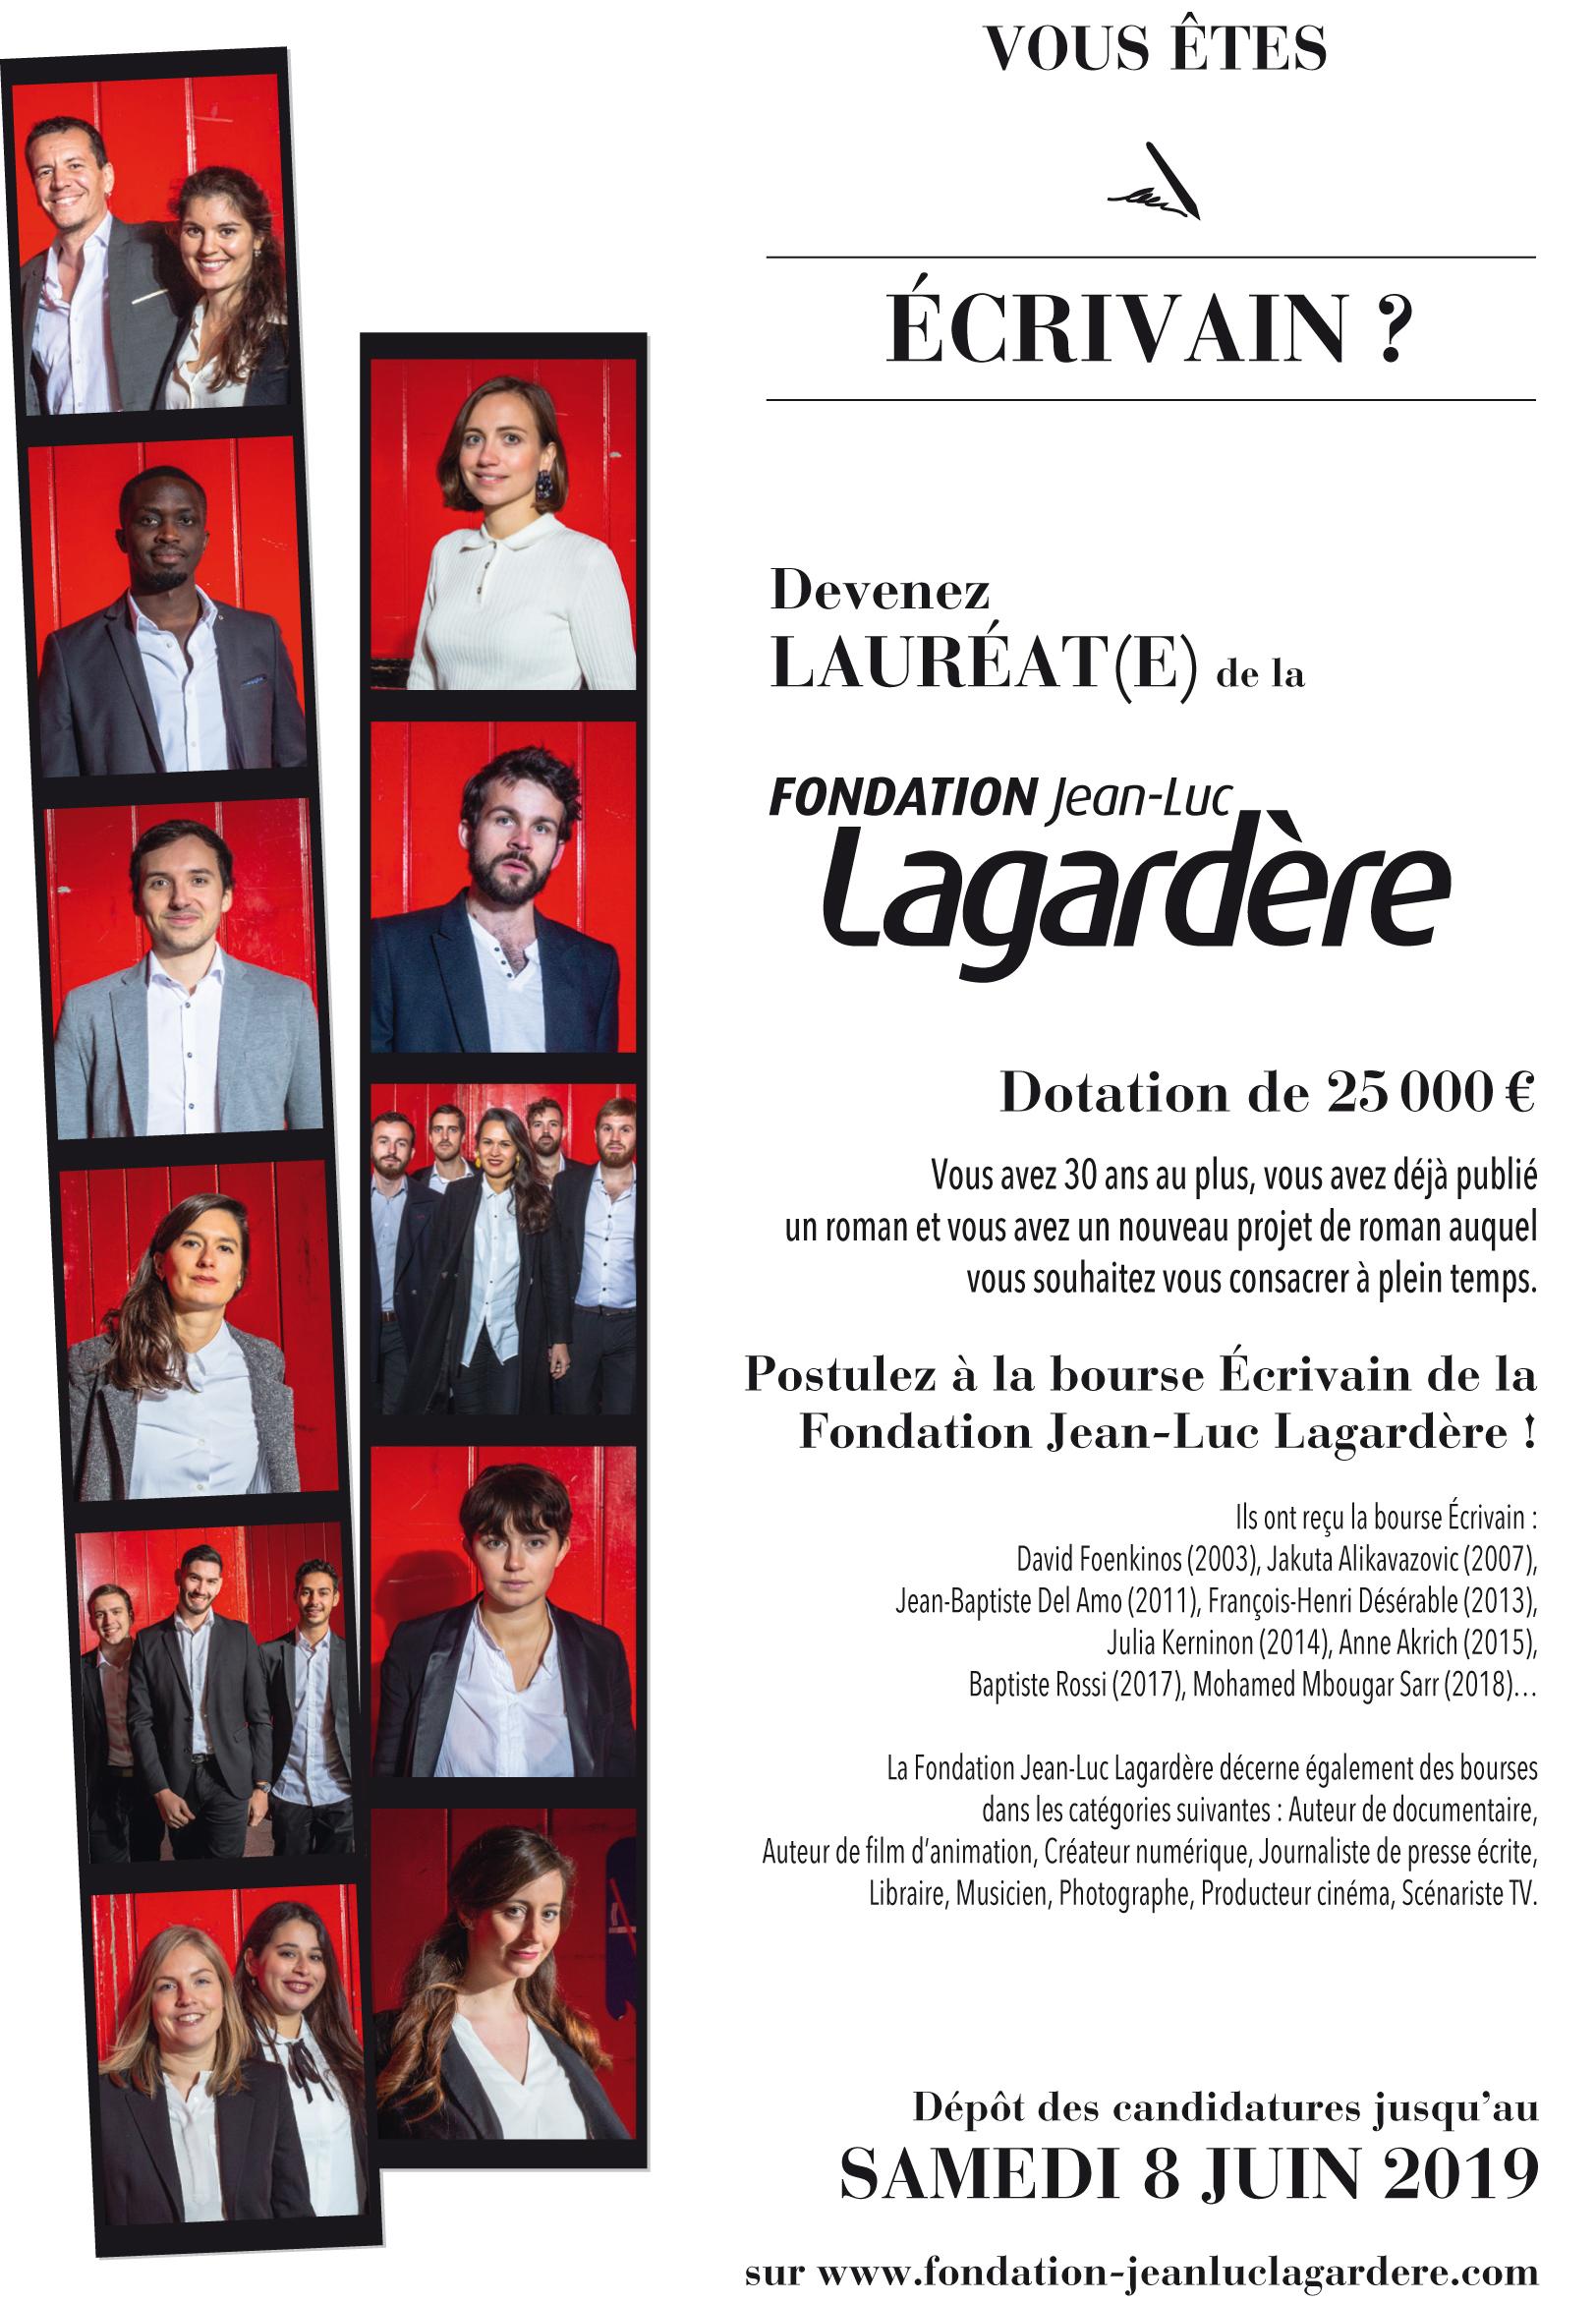 Devenez lauréat de la fondation Jean-Luc LAGARDÈRE !